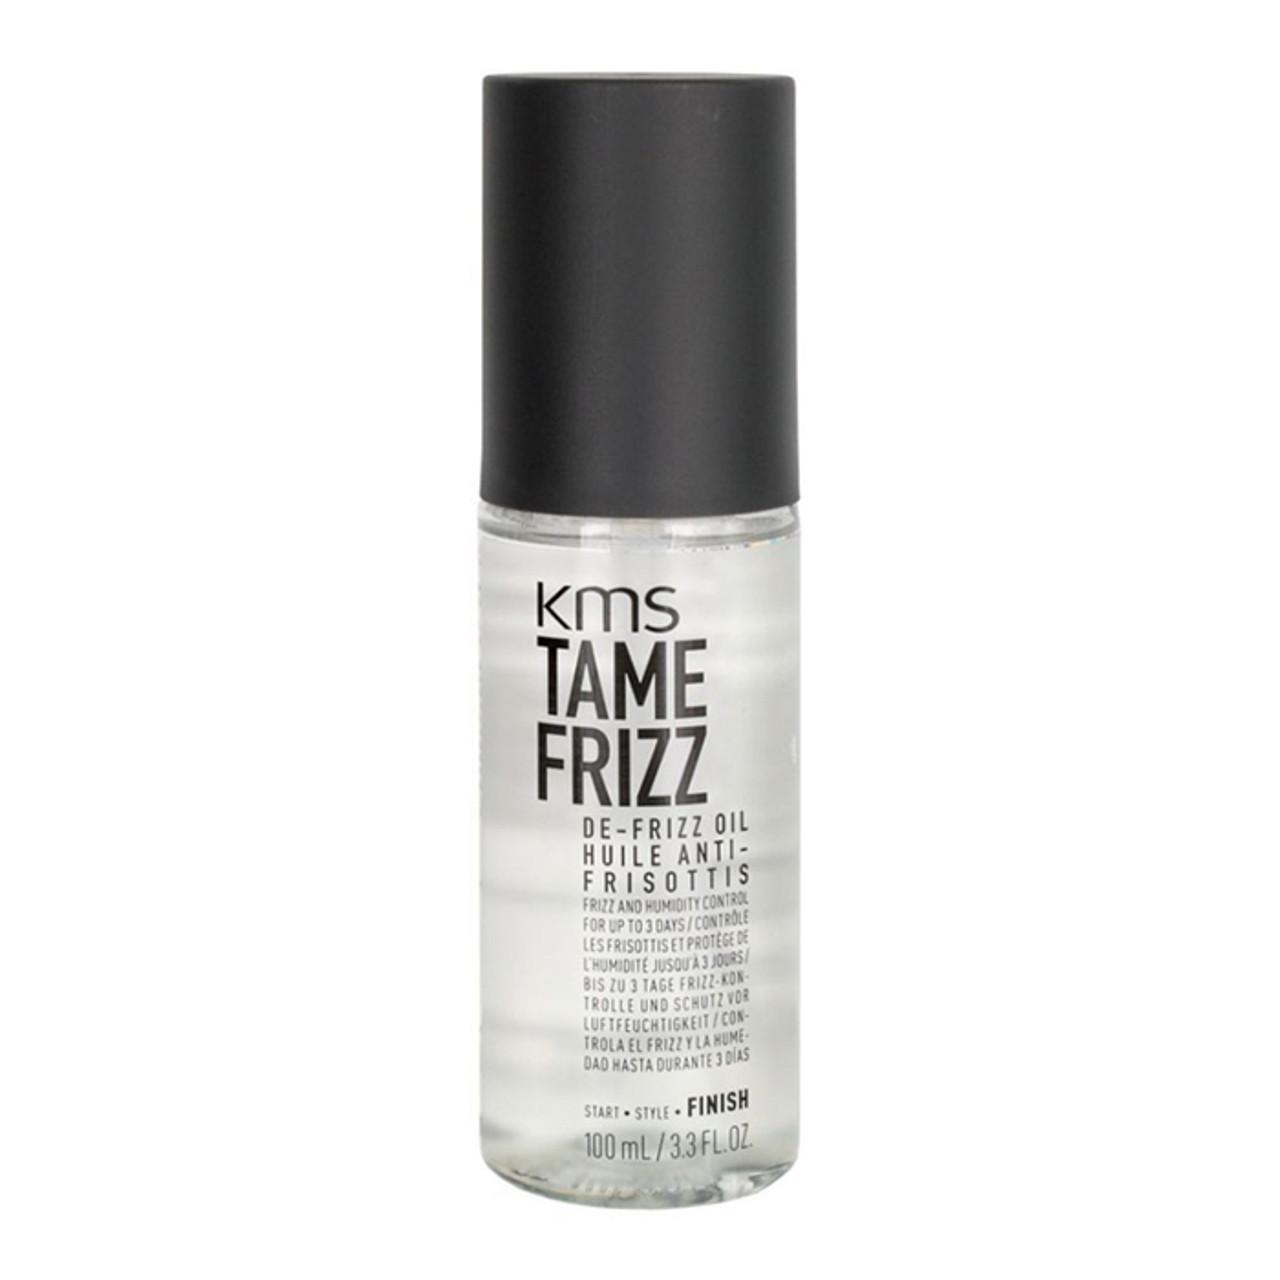 KMS Tame Frizz De-Frizz Oil 3.4 oz